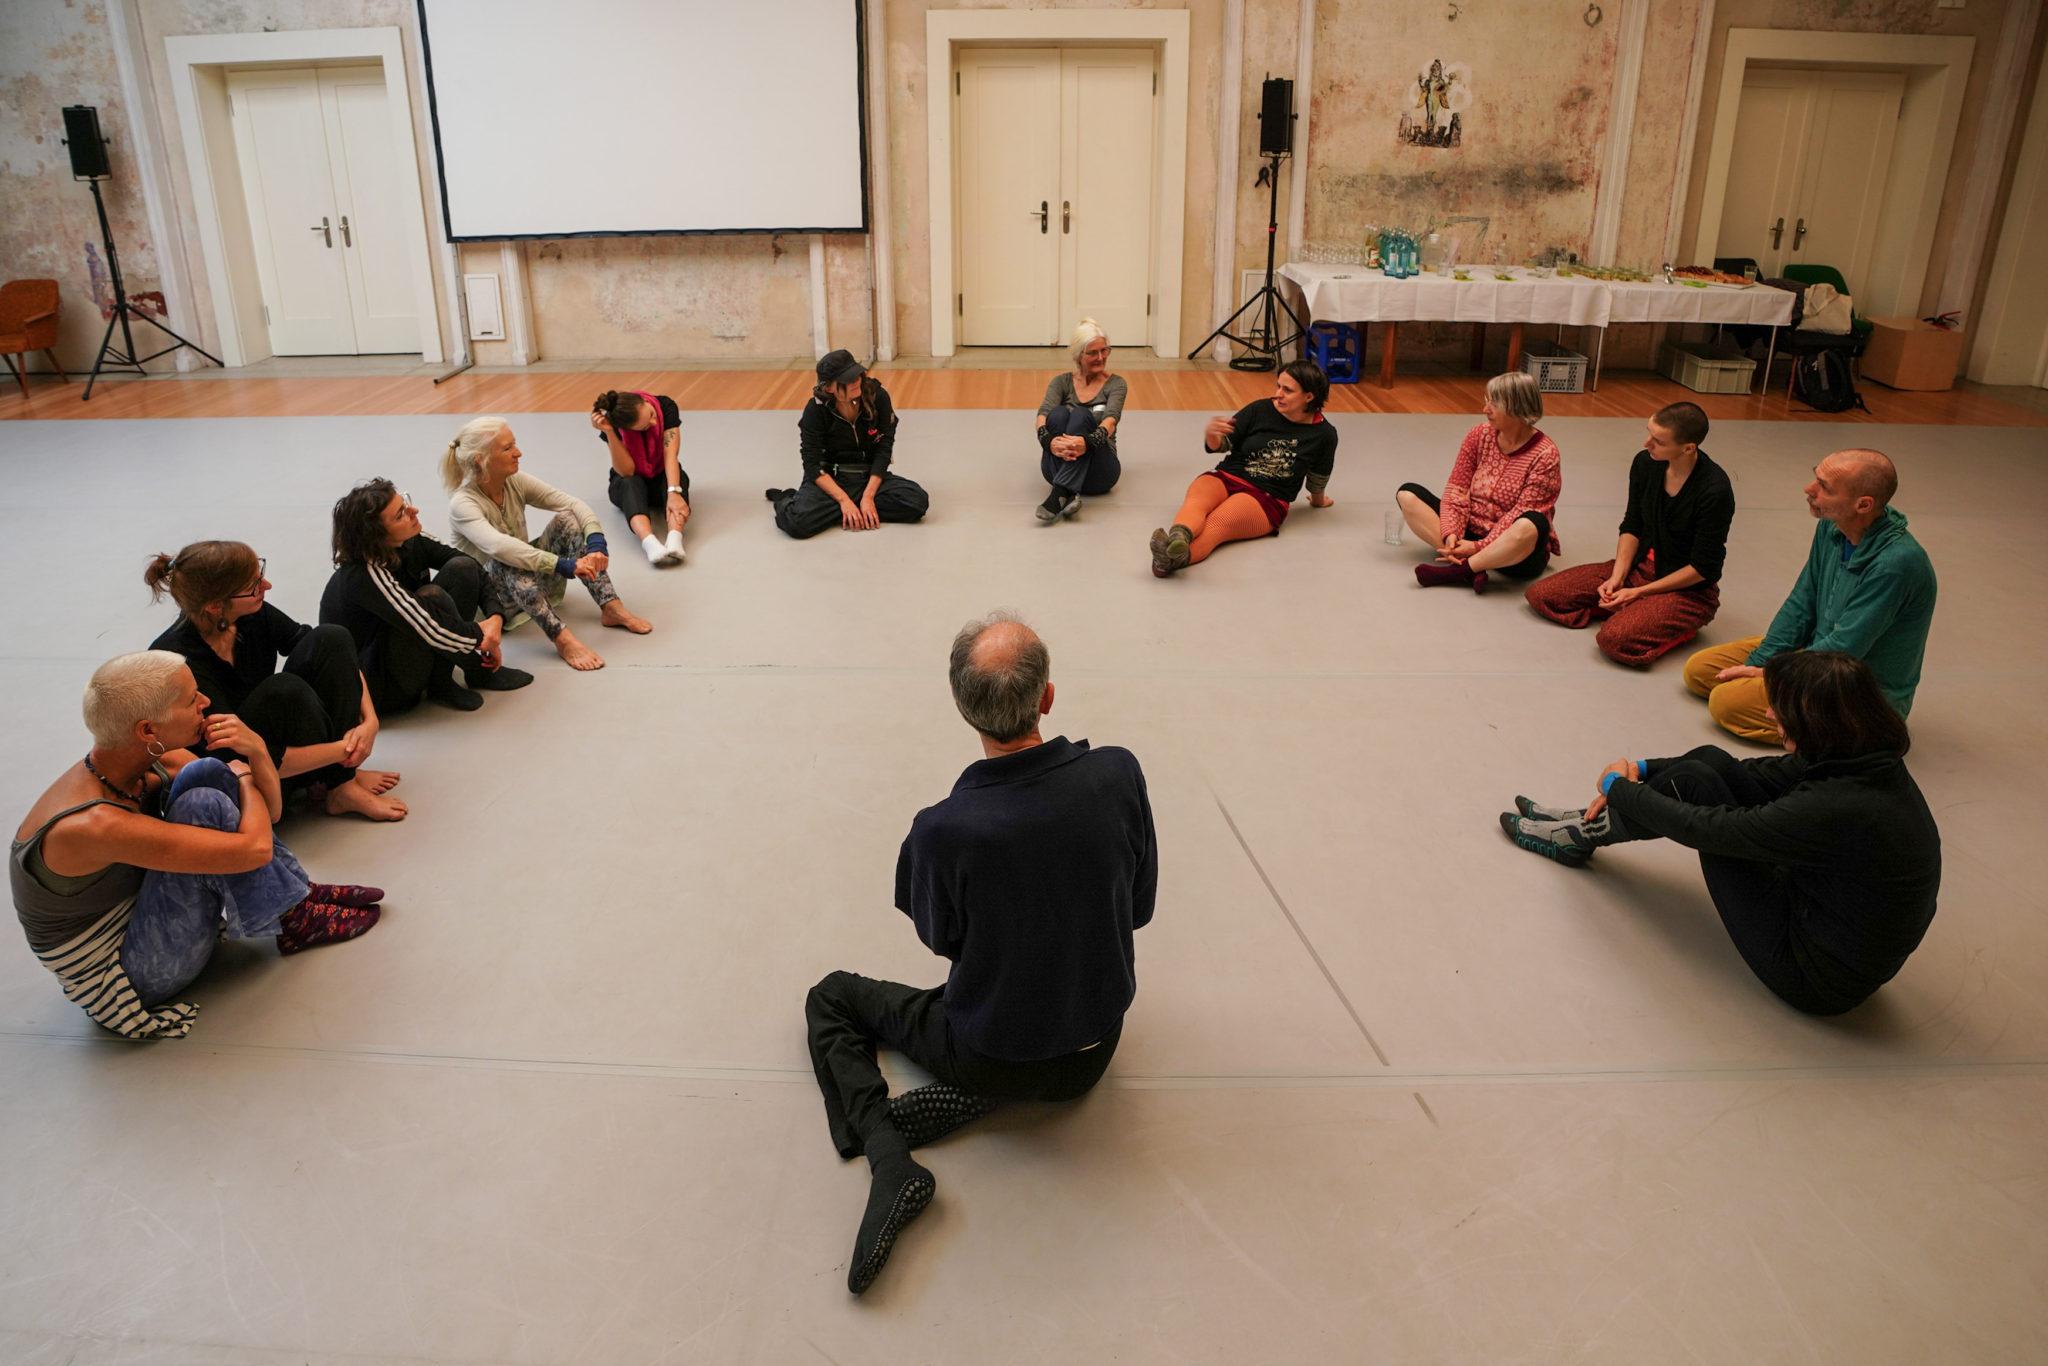 Foto, beim Fachtag Divers! am 18.12.2019 aufgenommen. Teilnehmer eines Workshops sitzen auf dem Tanzboden in einem Halbkreis. der Kursleiter sitz vor ihnen. Auf dem Bild ist sein Rücken zu sehen.